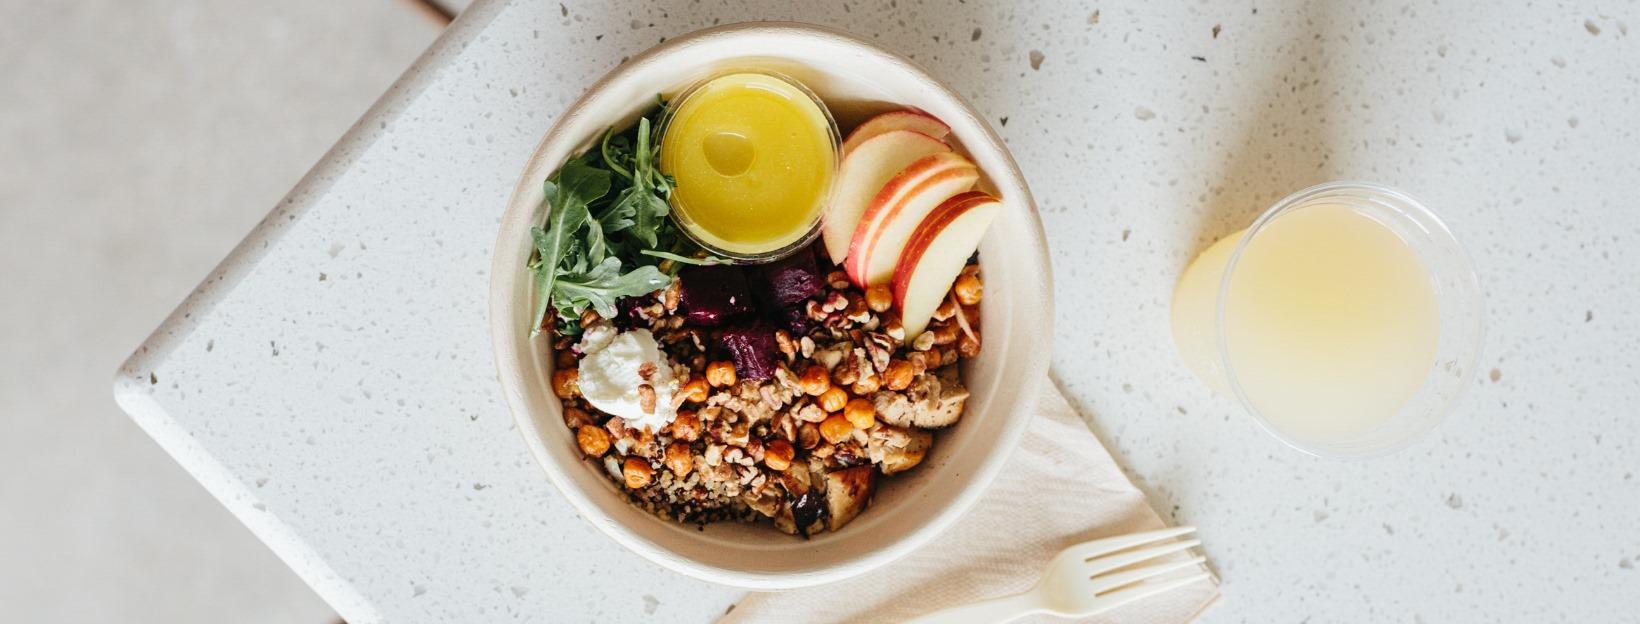 Healthy Restaurants